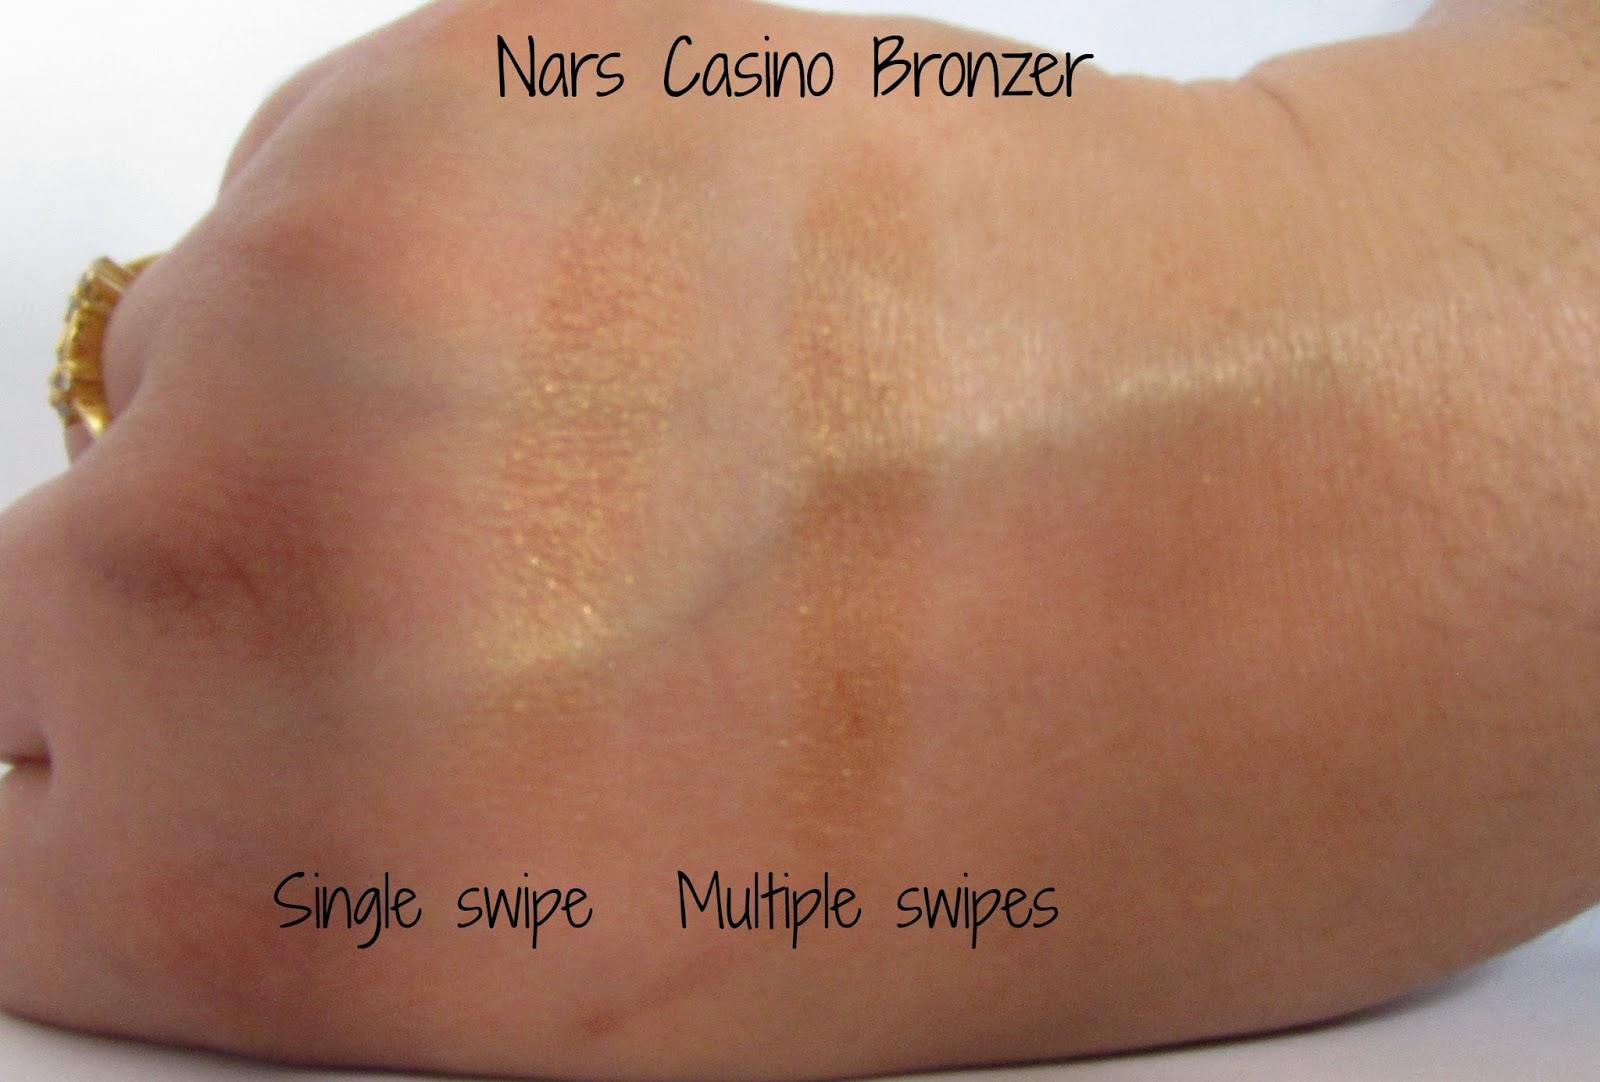 nars casino bronzer swatches